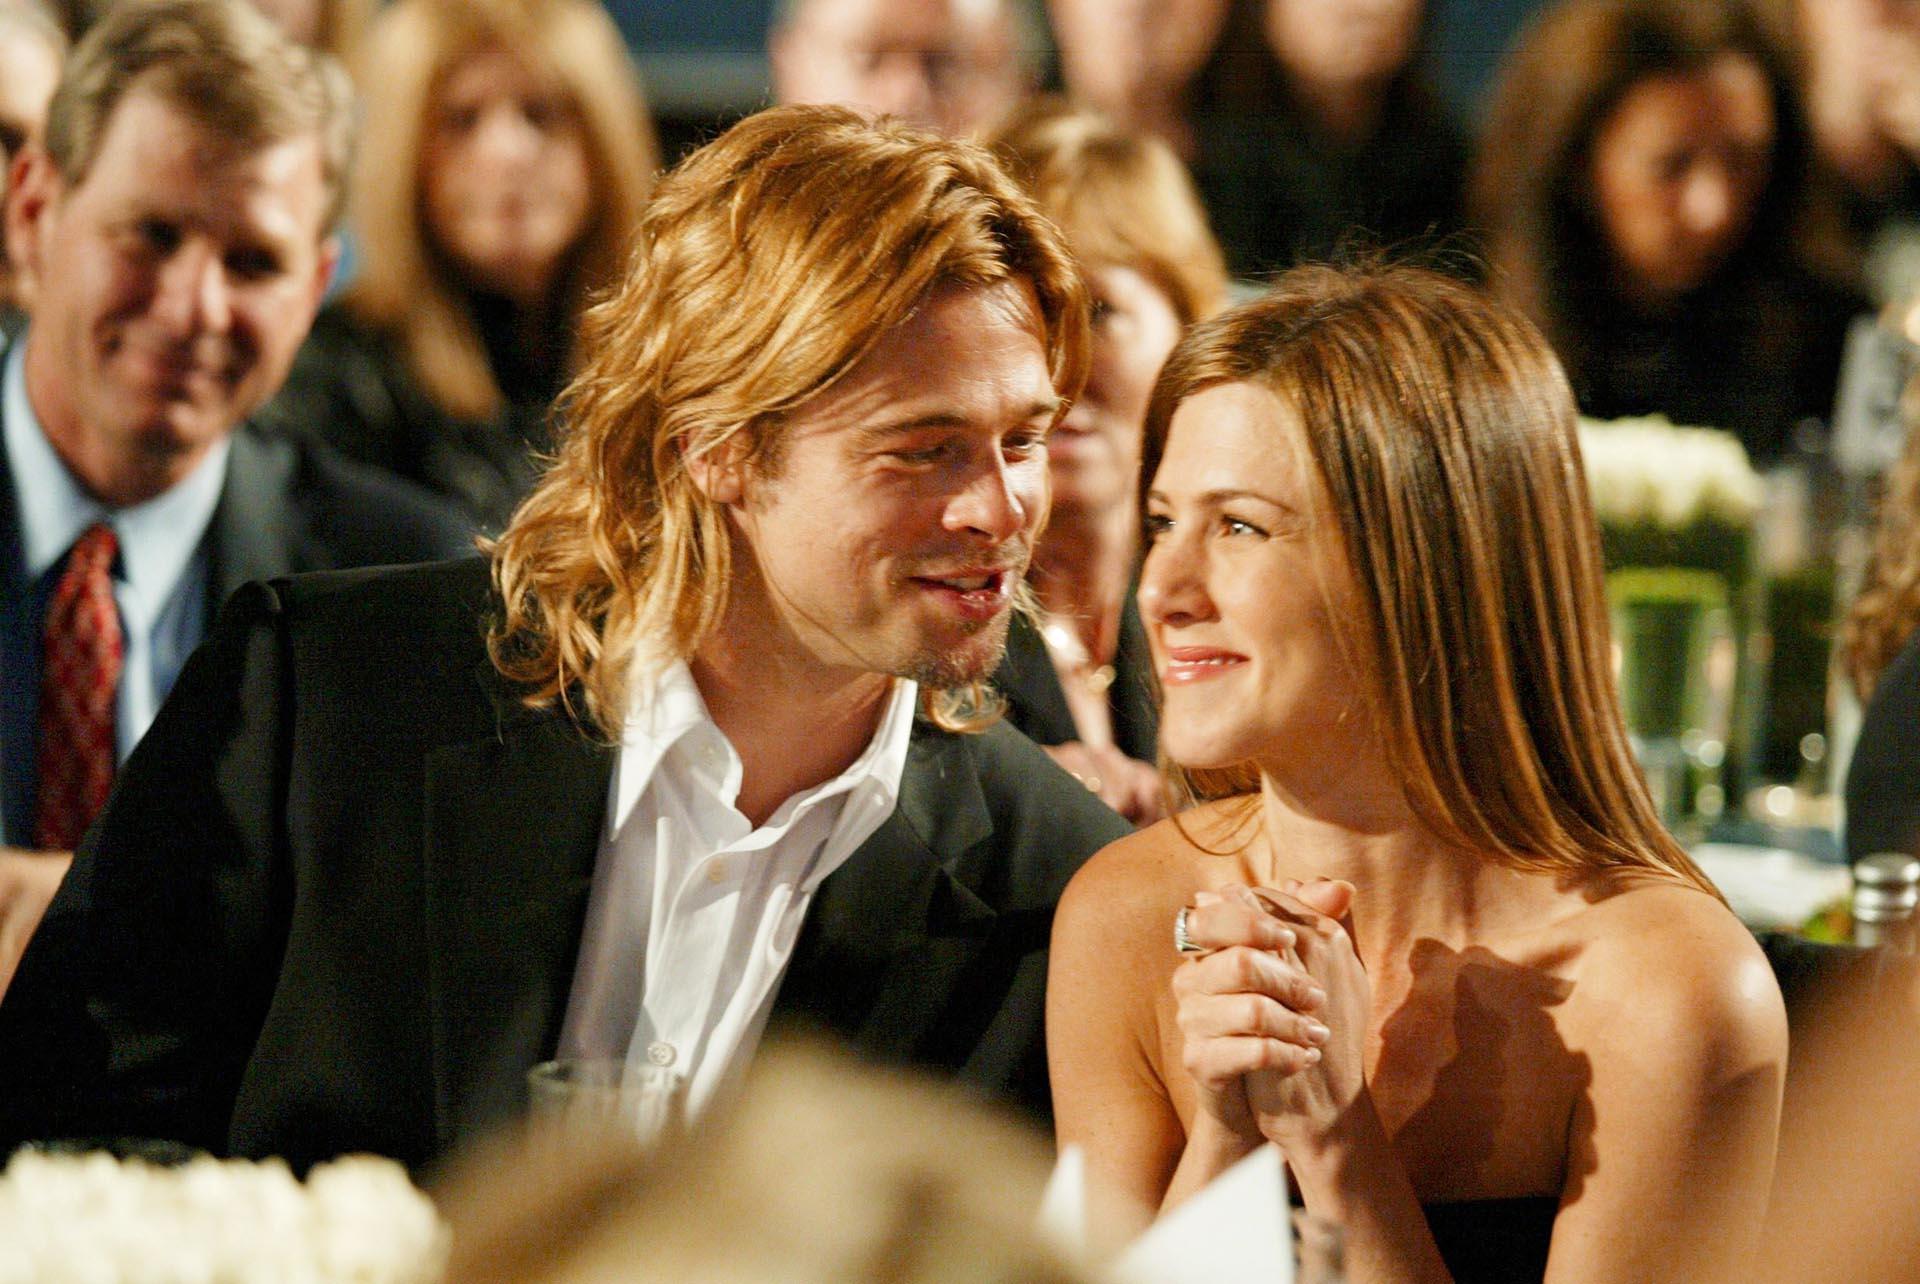 La especial historia de amor, infidelidad, escandaloso divorcio y reencuentro de Brad Pitt y Jennifer Aniston - Infobae